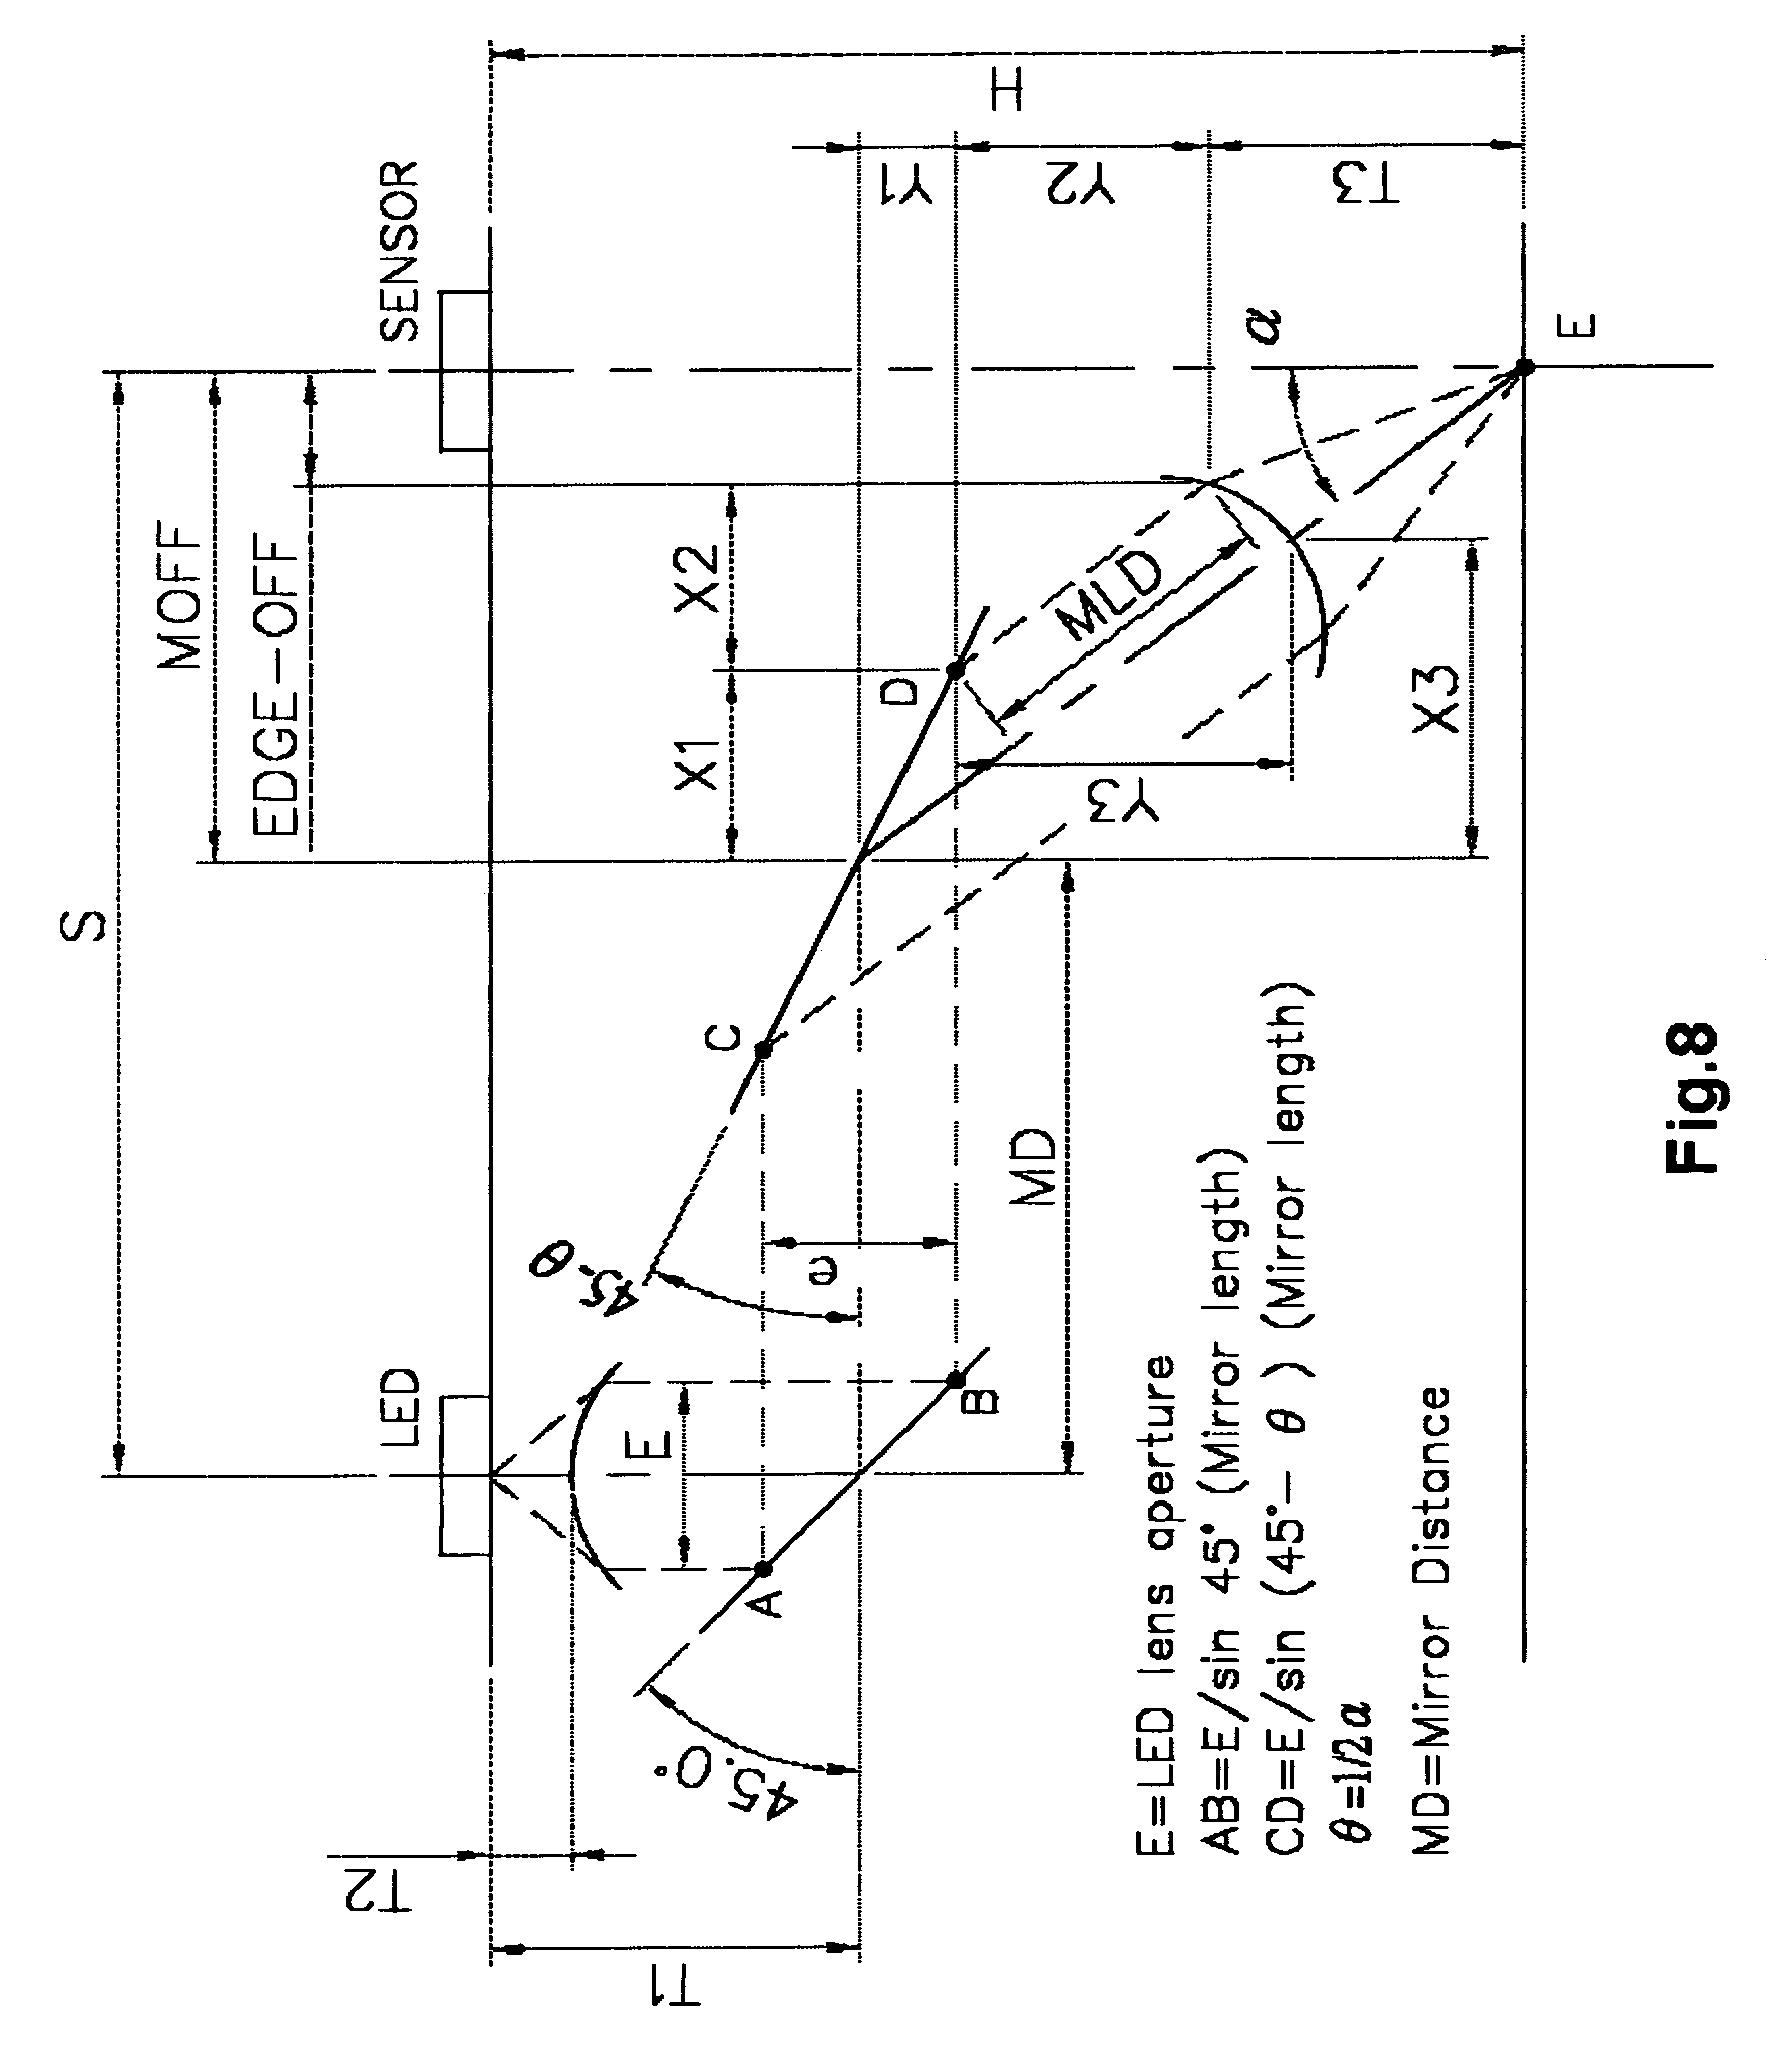 brevetto us20060284845